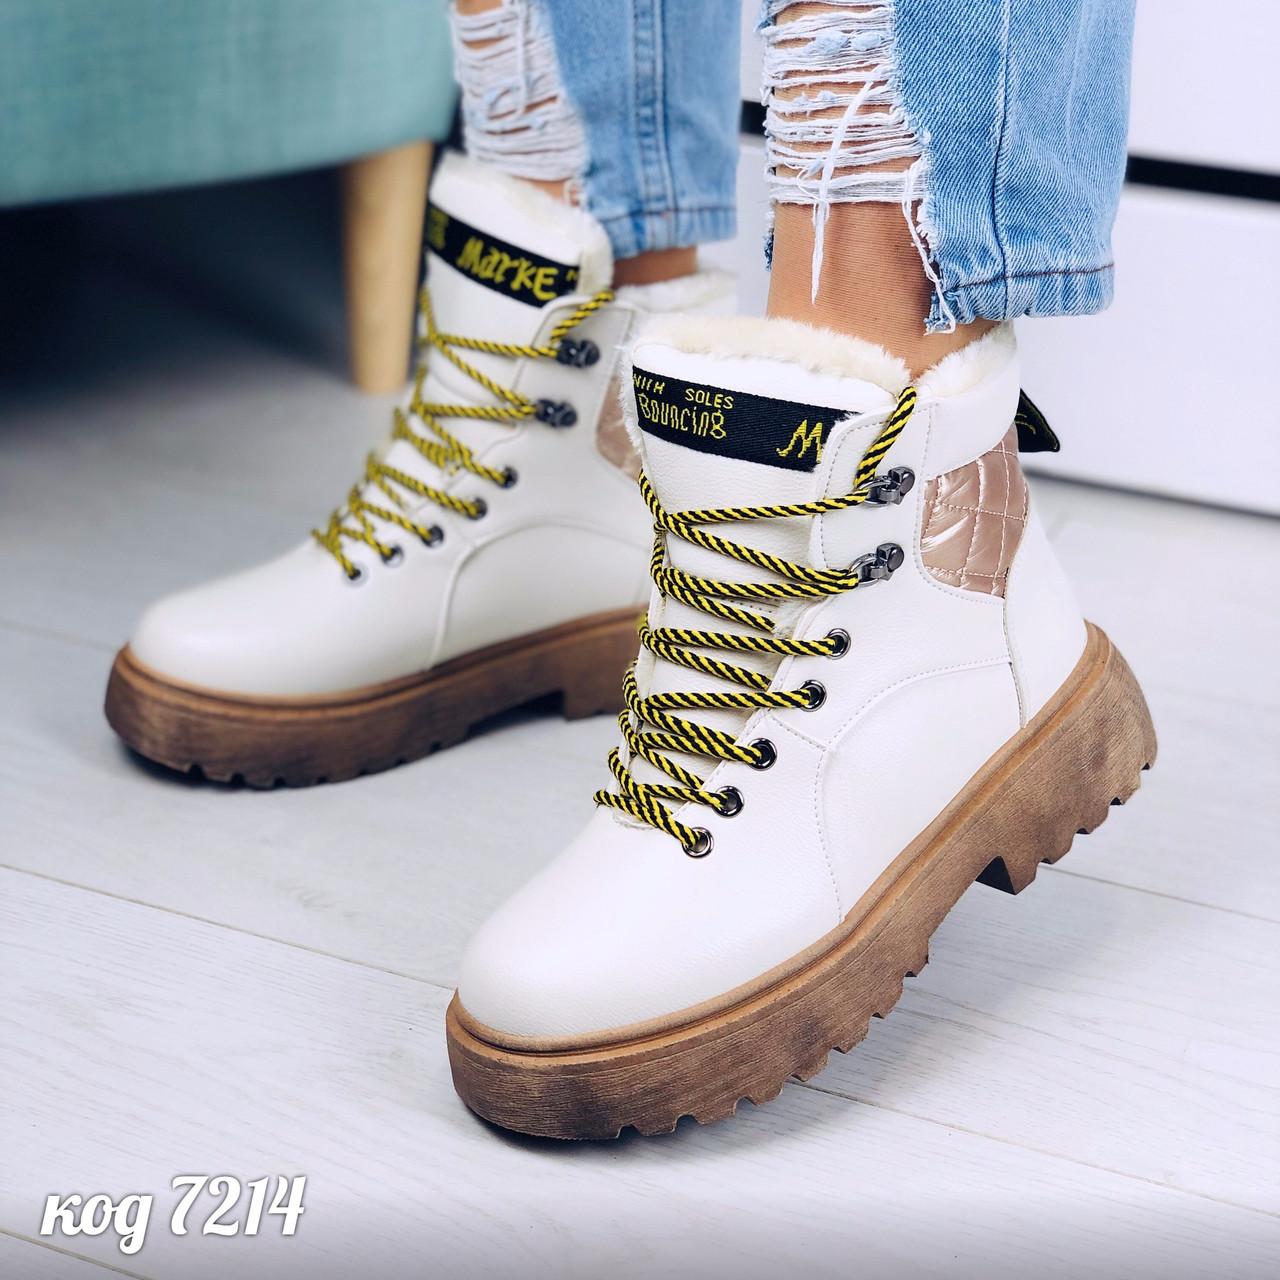 Женские зимние белые ботинки похожи на Dr. Martens мартенсы на массивной коричневой платформе